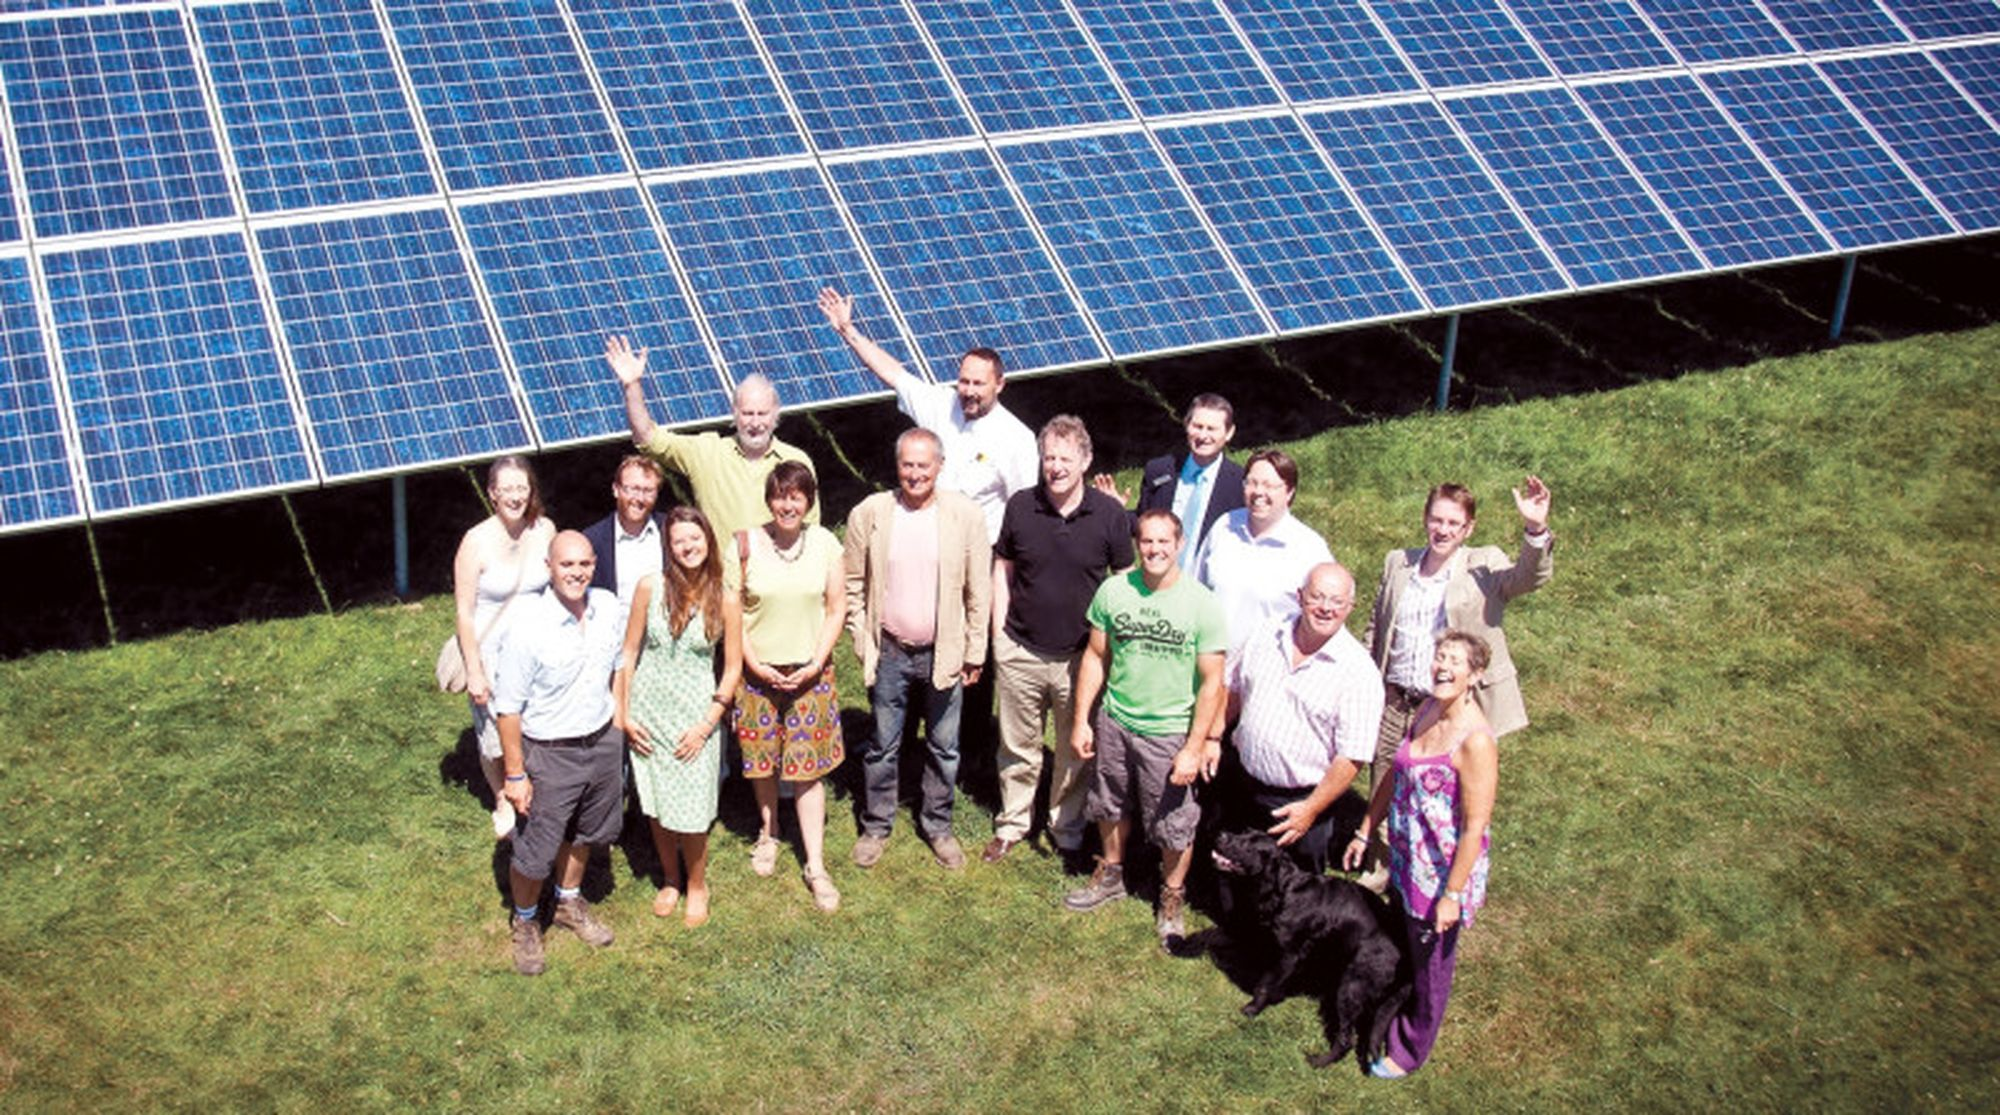 L'implication des citoyen·ne·s pour une meilleure acceptabilité sociale des projets participatifs d'énergie renouvelable